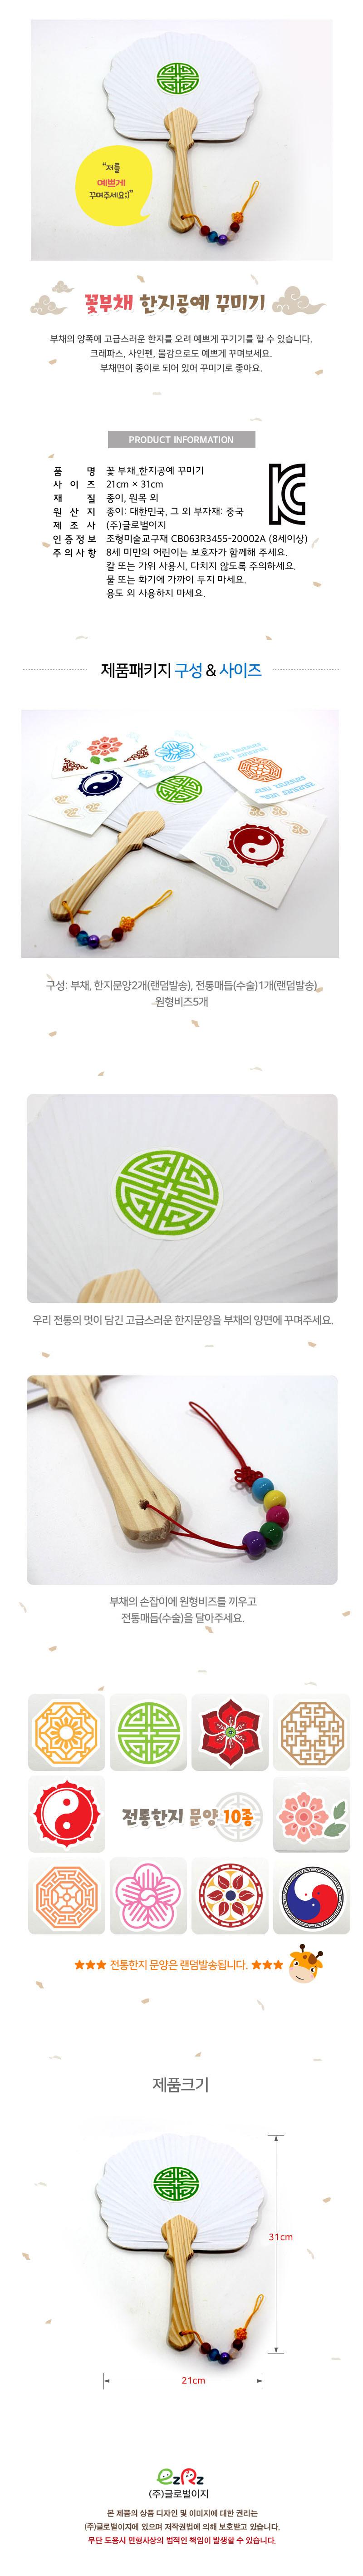 꽃부채 한지공예 꾸미기 - 이지피아, 2,450원, 종이공예/북아트, 종이공예 부자재